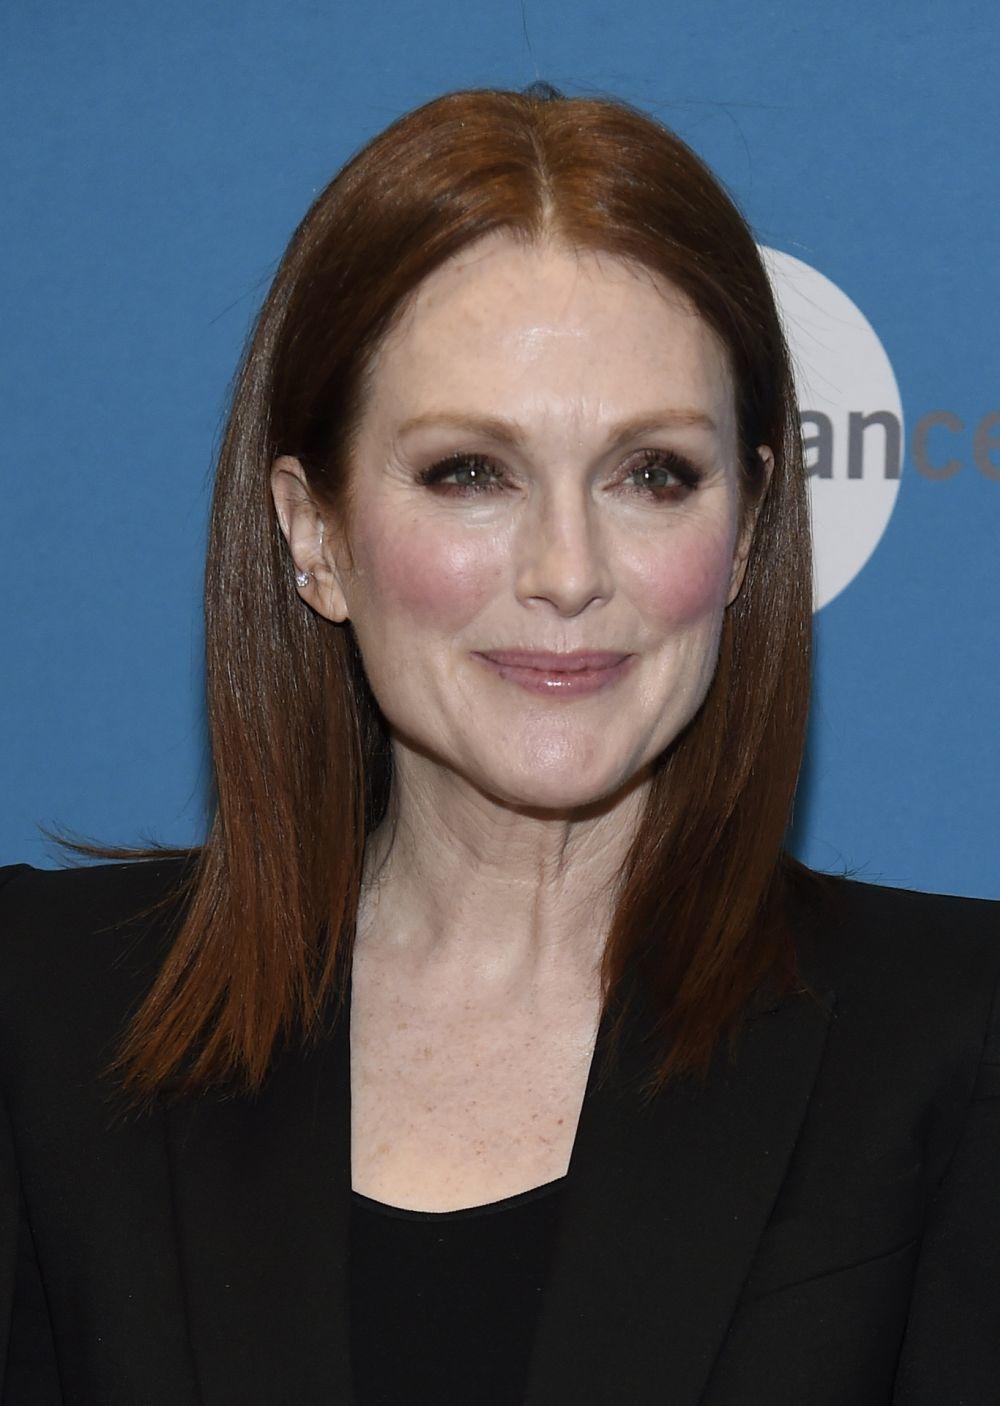 Las sombras en gris y un ligero rubor de colorete rosa con un maquillaje suave y fluido sobre el rostro se convierte en uno de los looks favoritos de la actriz ante los flashes.